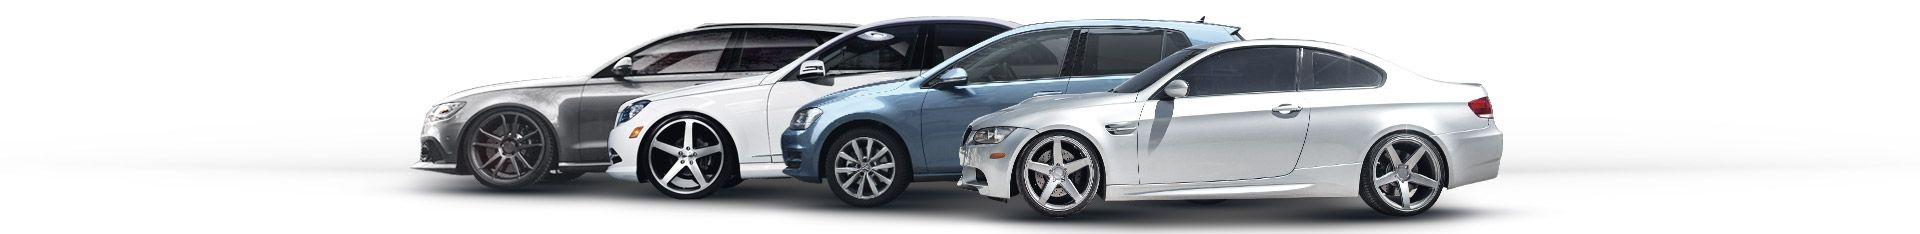 auto repair, auto repair in chicago, chicago auto repair